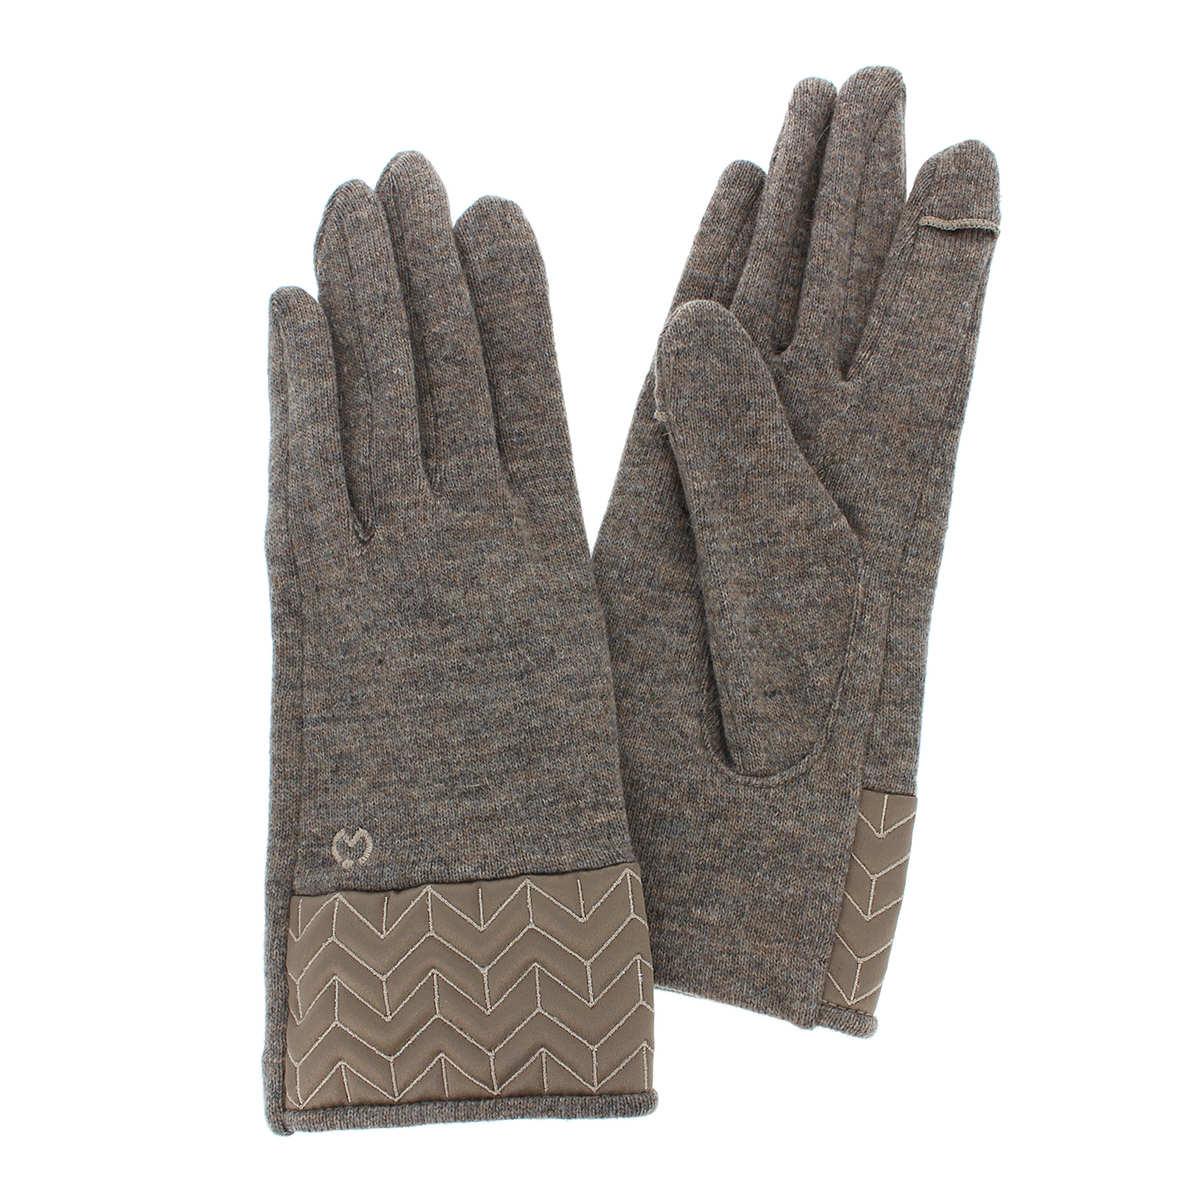 ミラショーン レディース ジャージ手袋 サテンカフス 幾何学模様キルティング 秋冬 五本指手袋 エレガント フェミニン 大人女性に人気